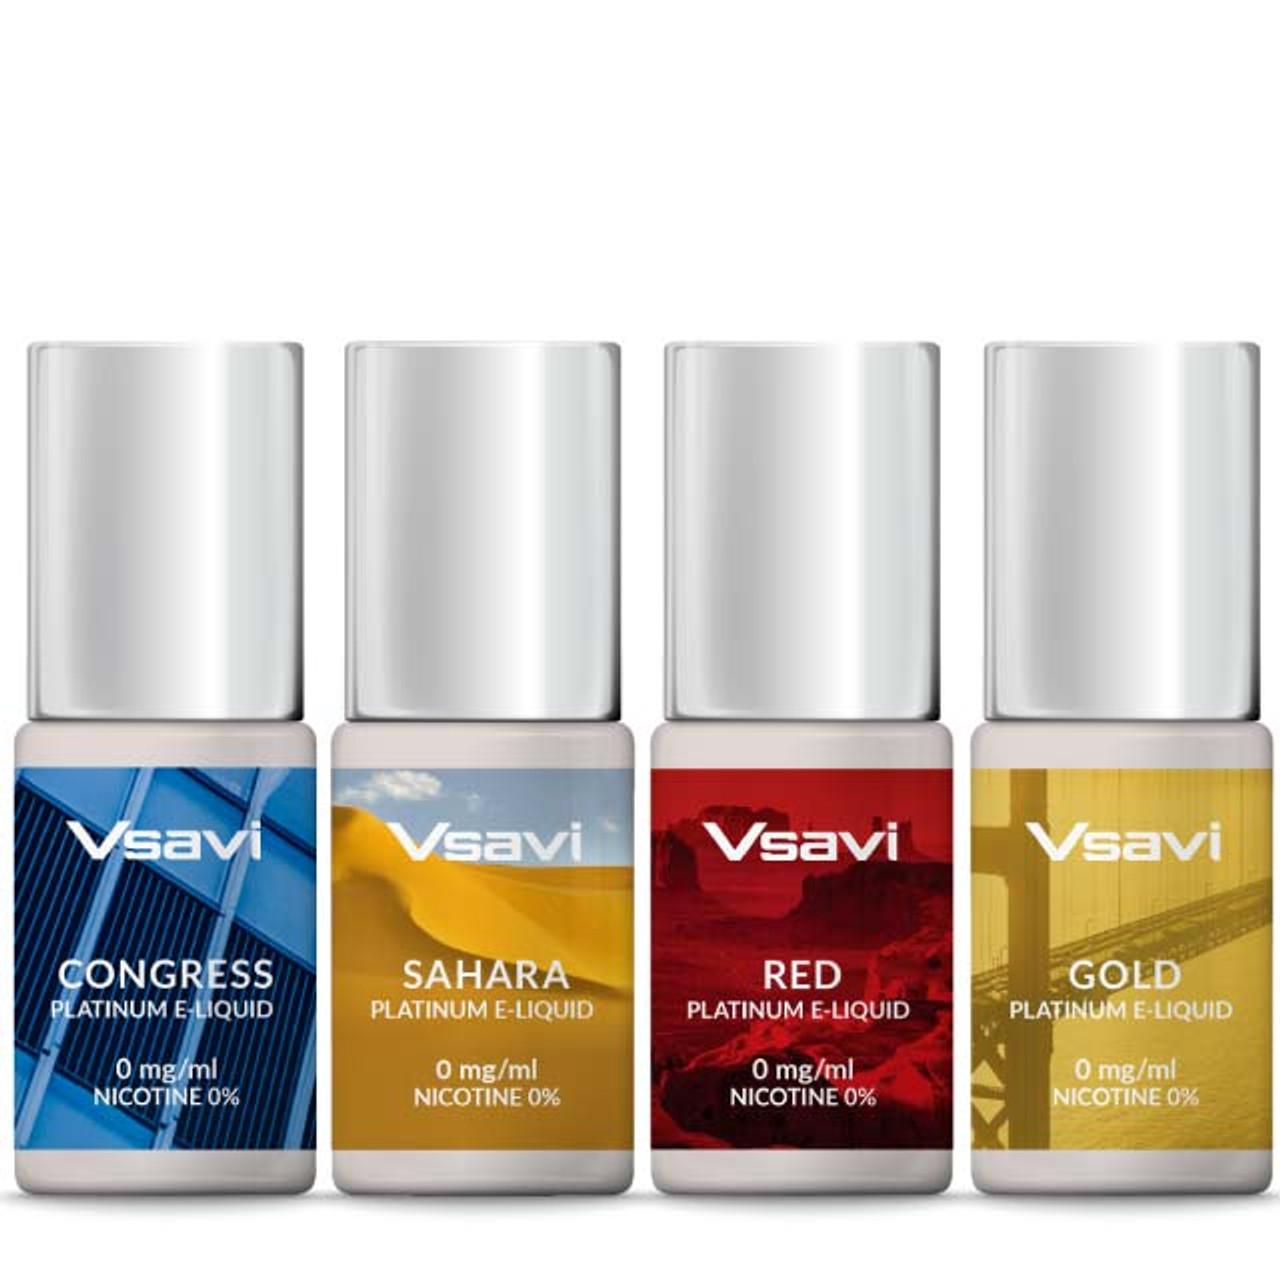 VSAVI Platinum E-Liquid Tobacco Sample Pack